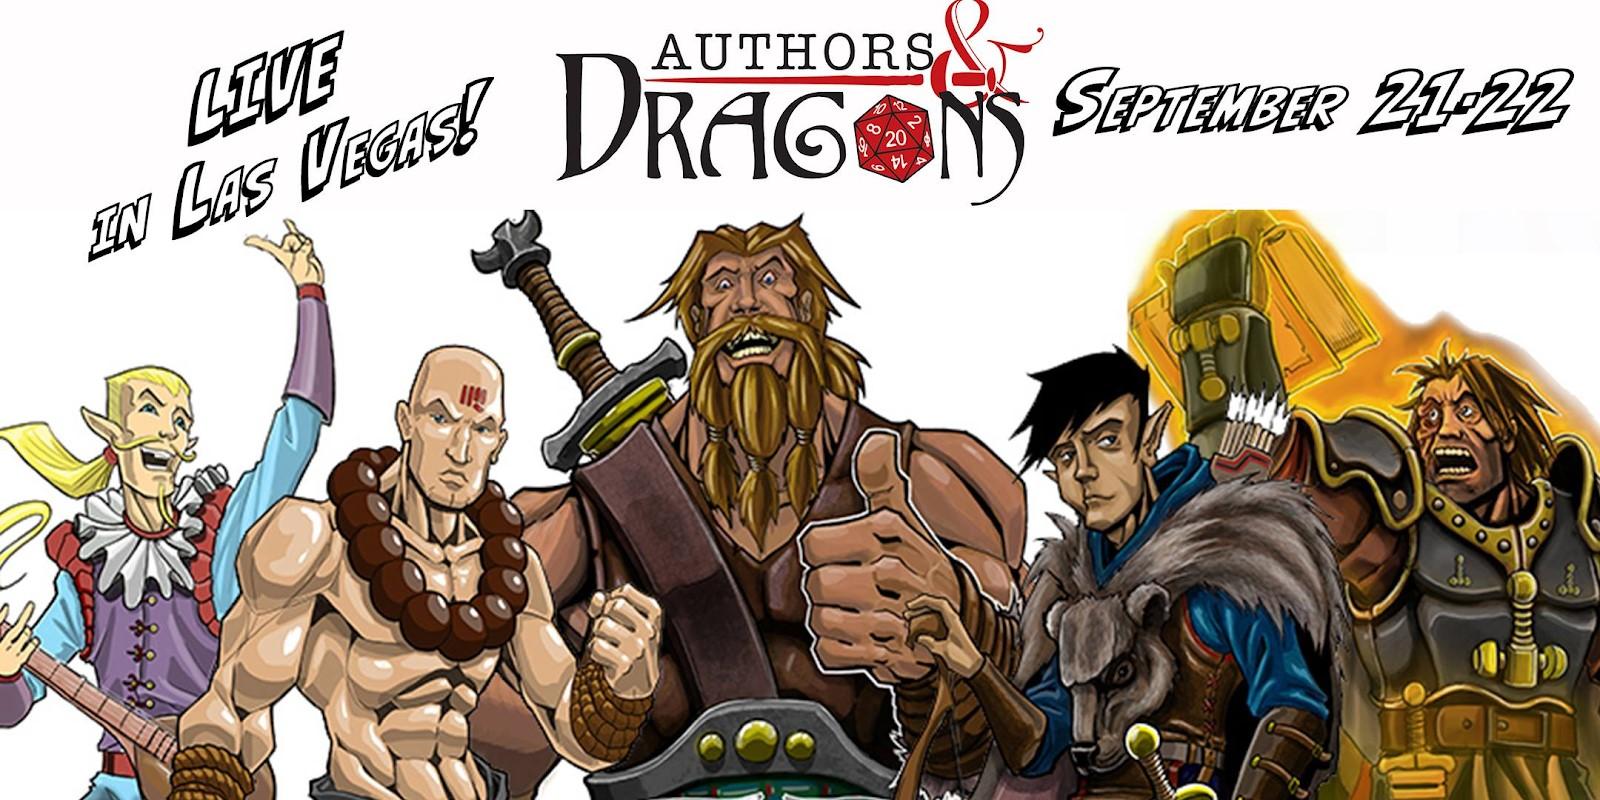 AuthorsAndDragons.jpg